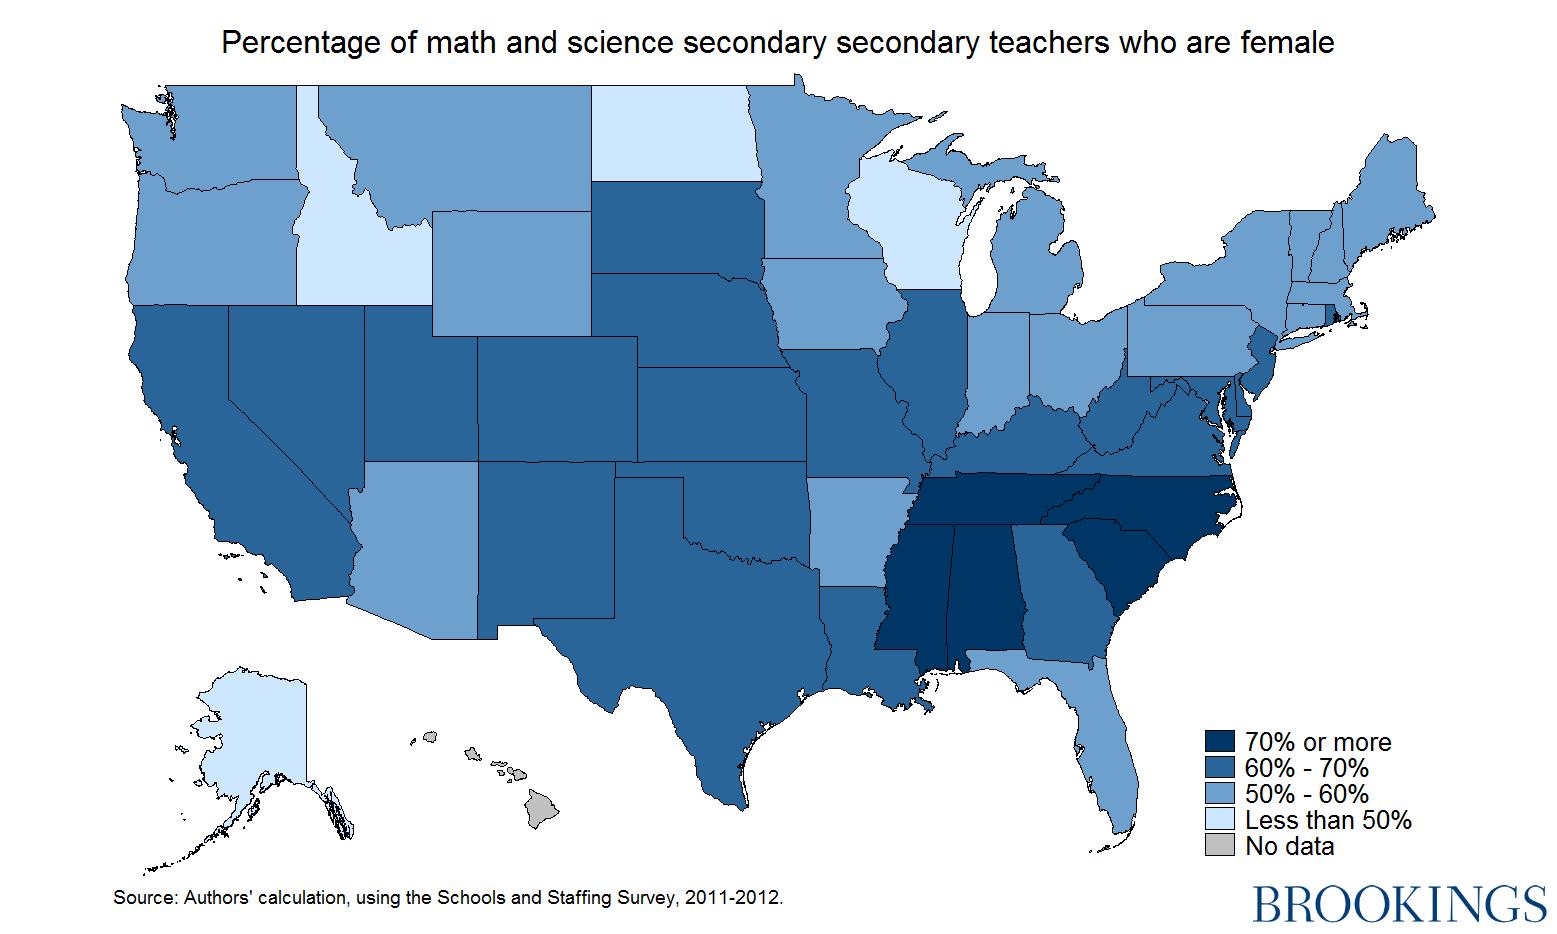 Hvordan Køn mangfoldighed blandt Lærer Workforce Påvirker-9024